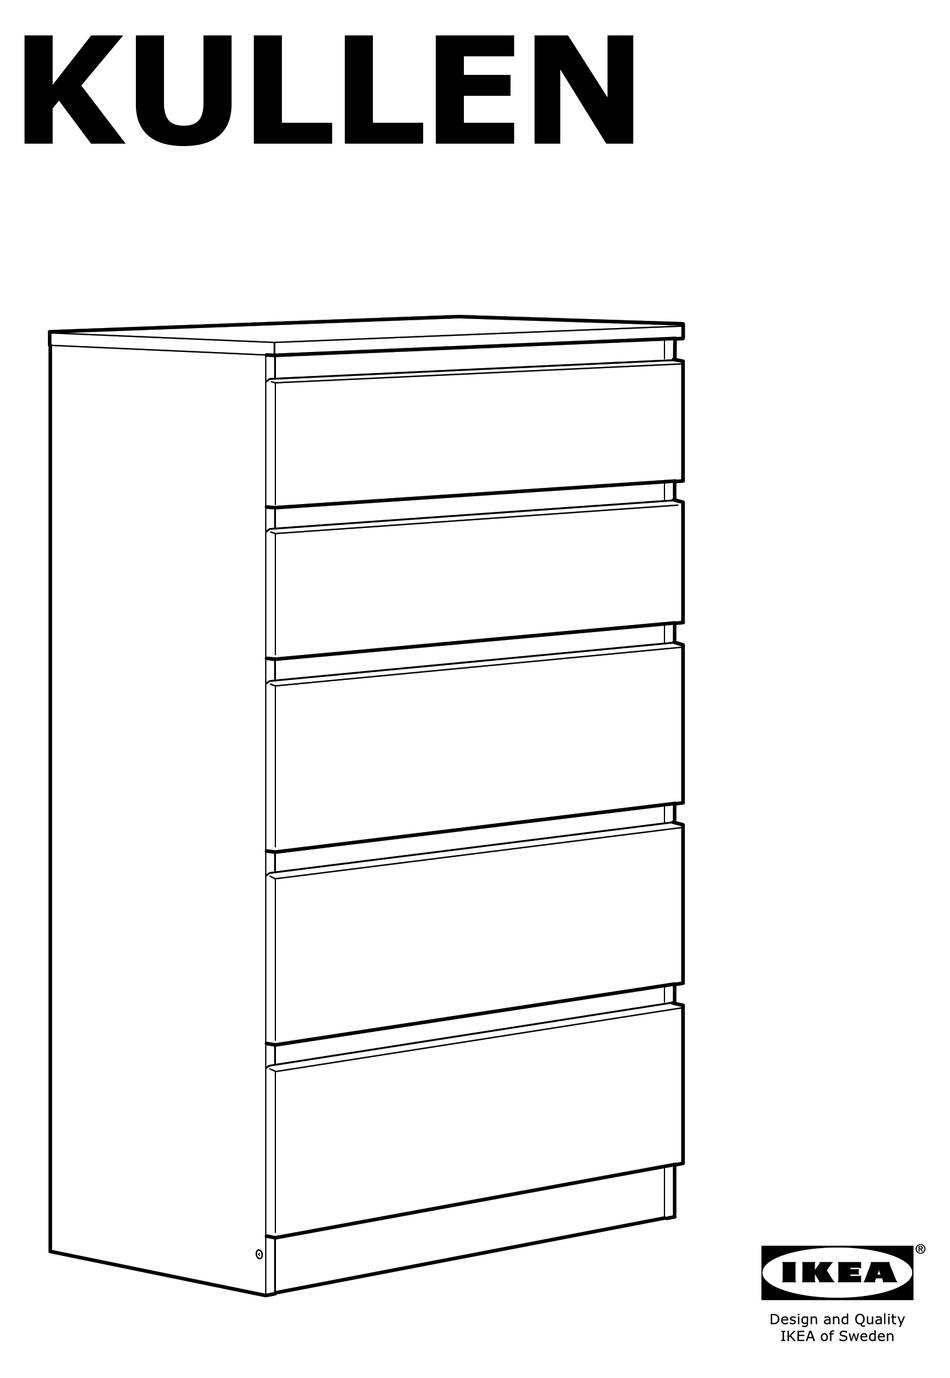 Ikea Kullen Embly Instructions